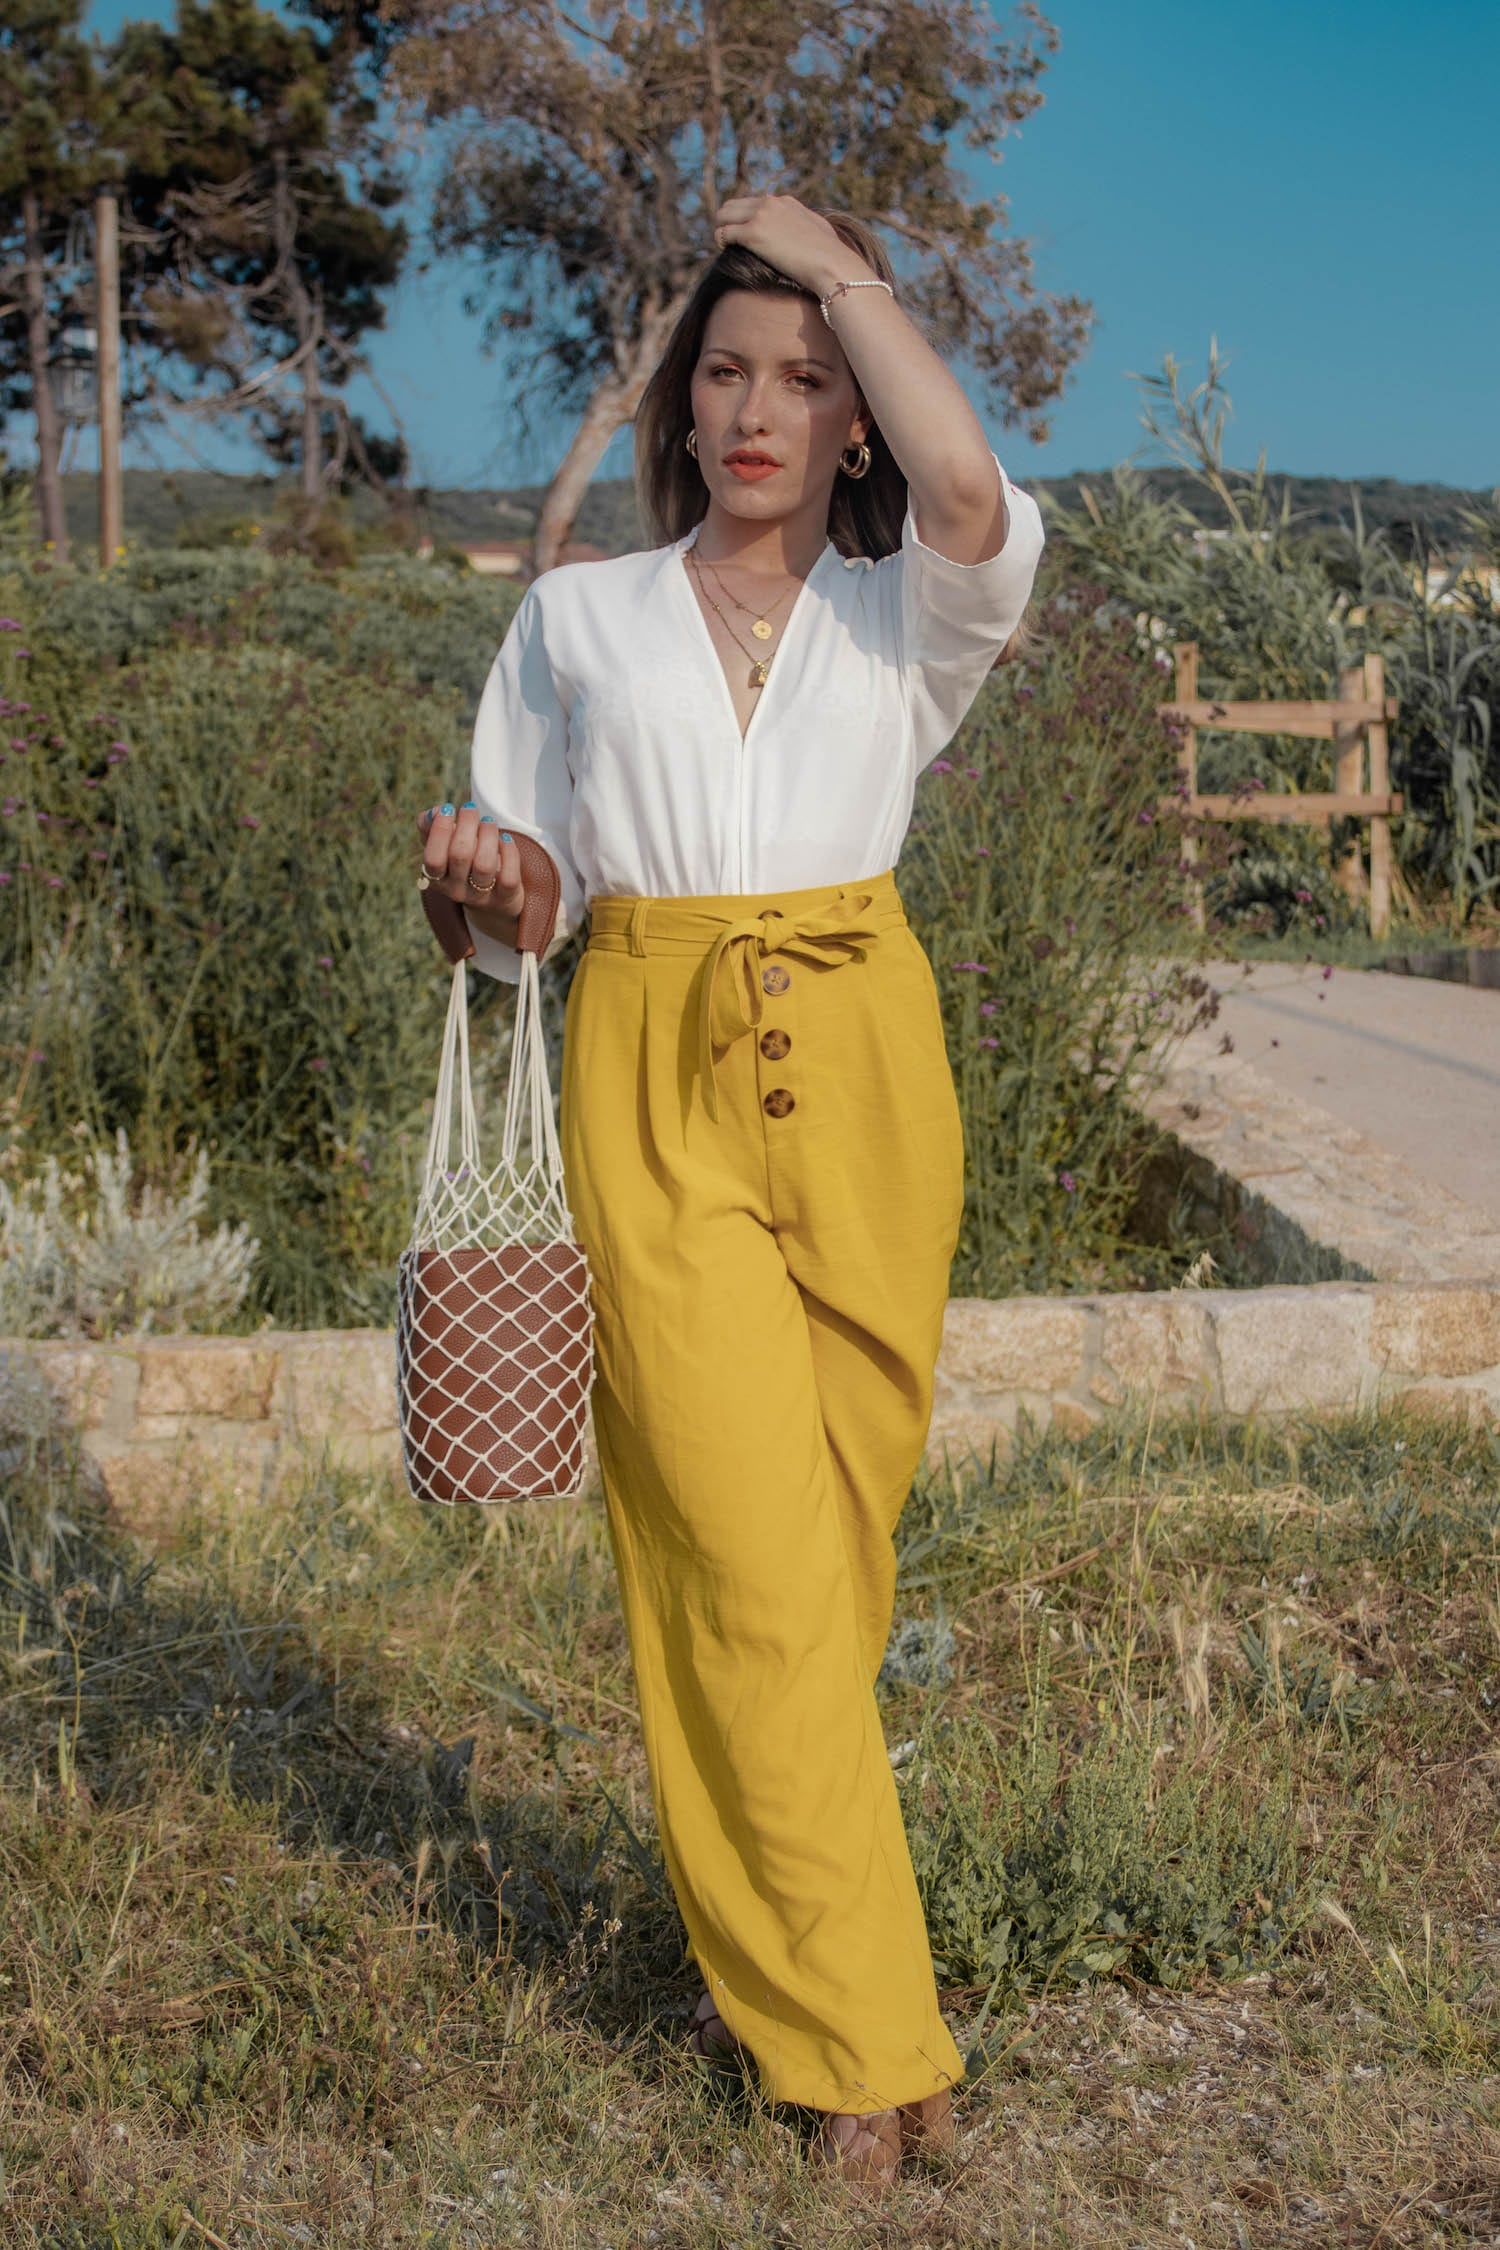 Comment porter le pantalon palazzo ? Conseils et sélection shopping - happinesscoco.com